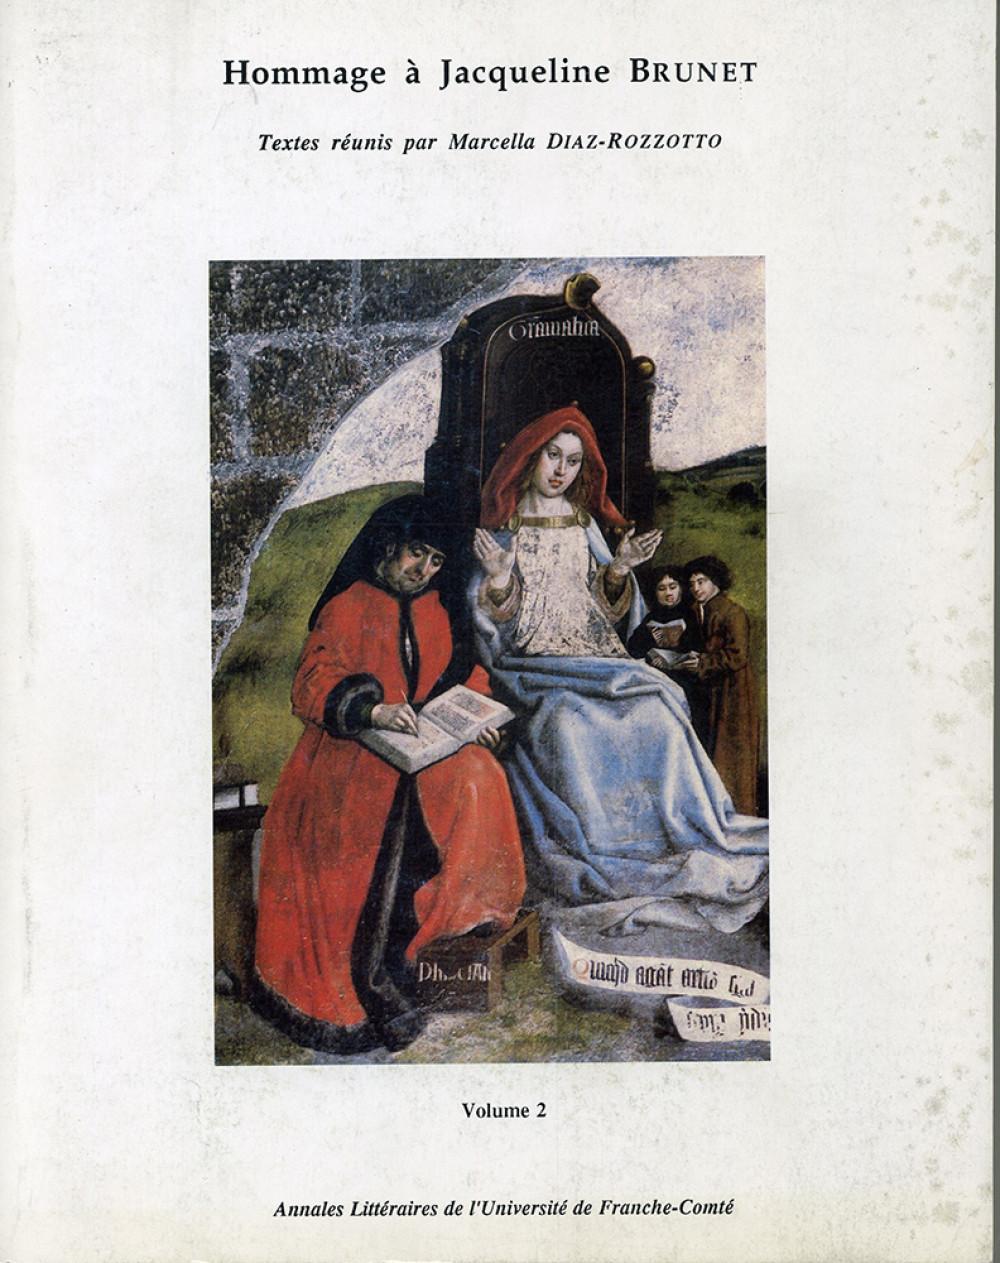 Hommage à Jacqueline Brunet. Volume 2